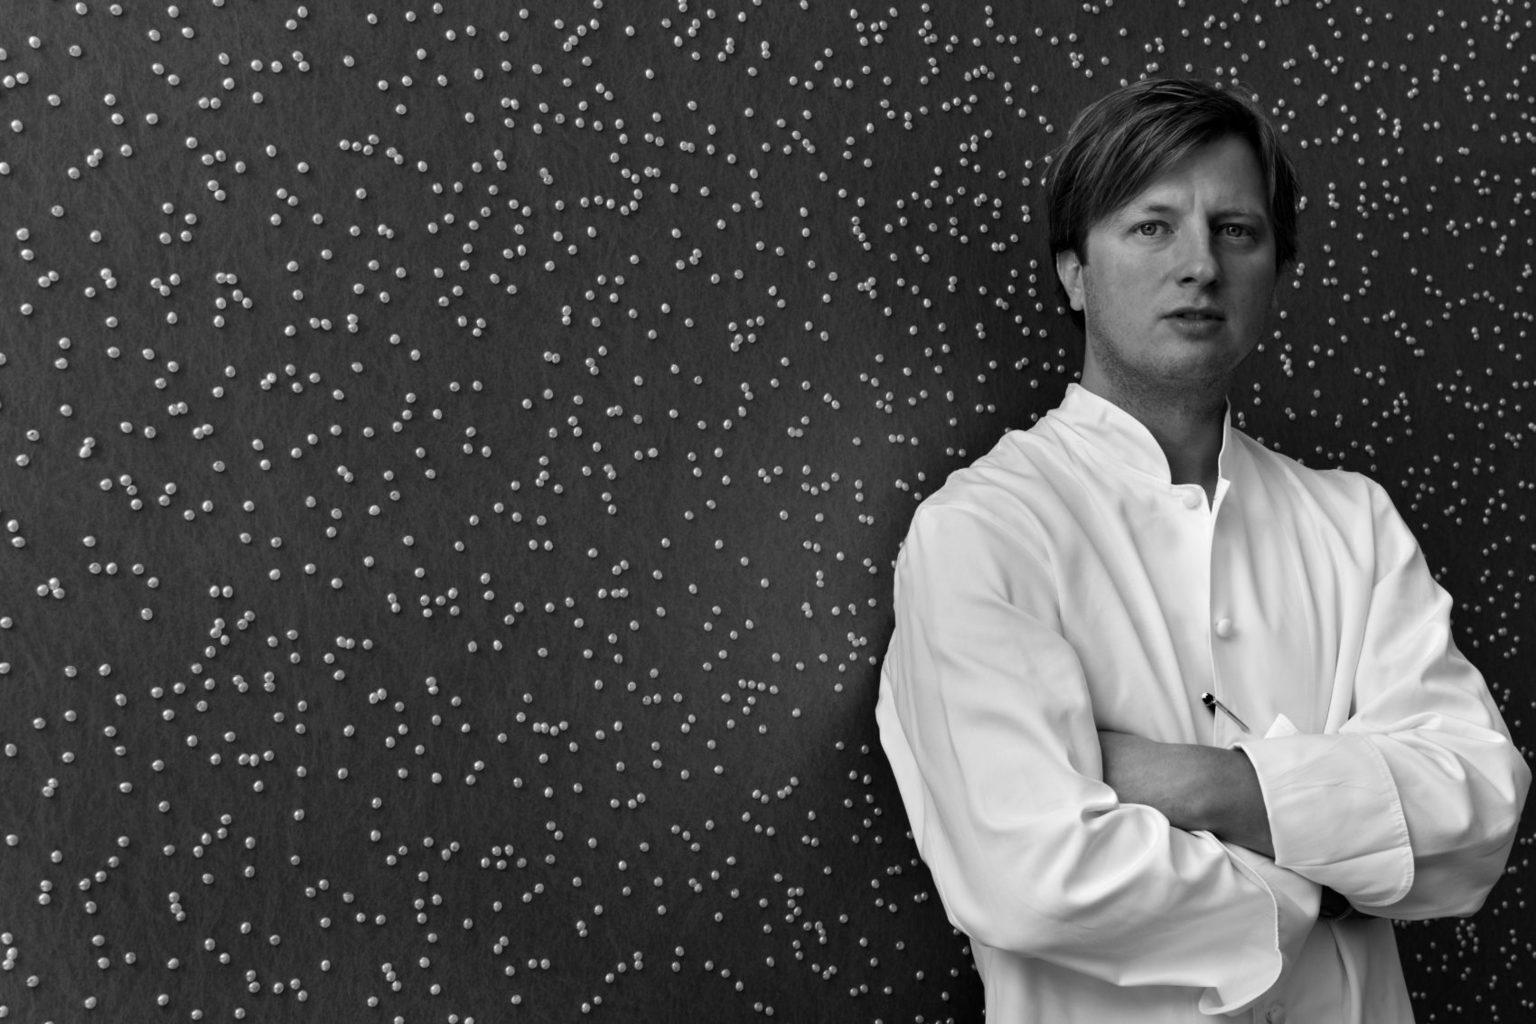 Kevin Fehling van sterrenrestaurant The Table in Hamburg is een van de beste koks in Duitsland